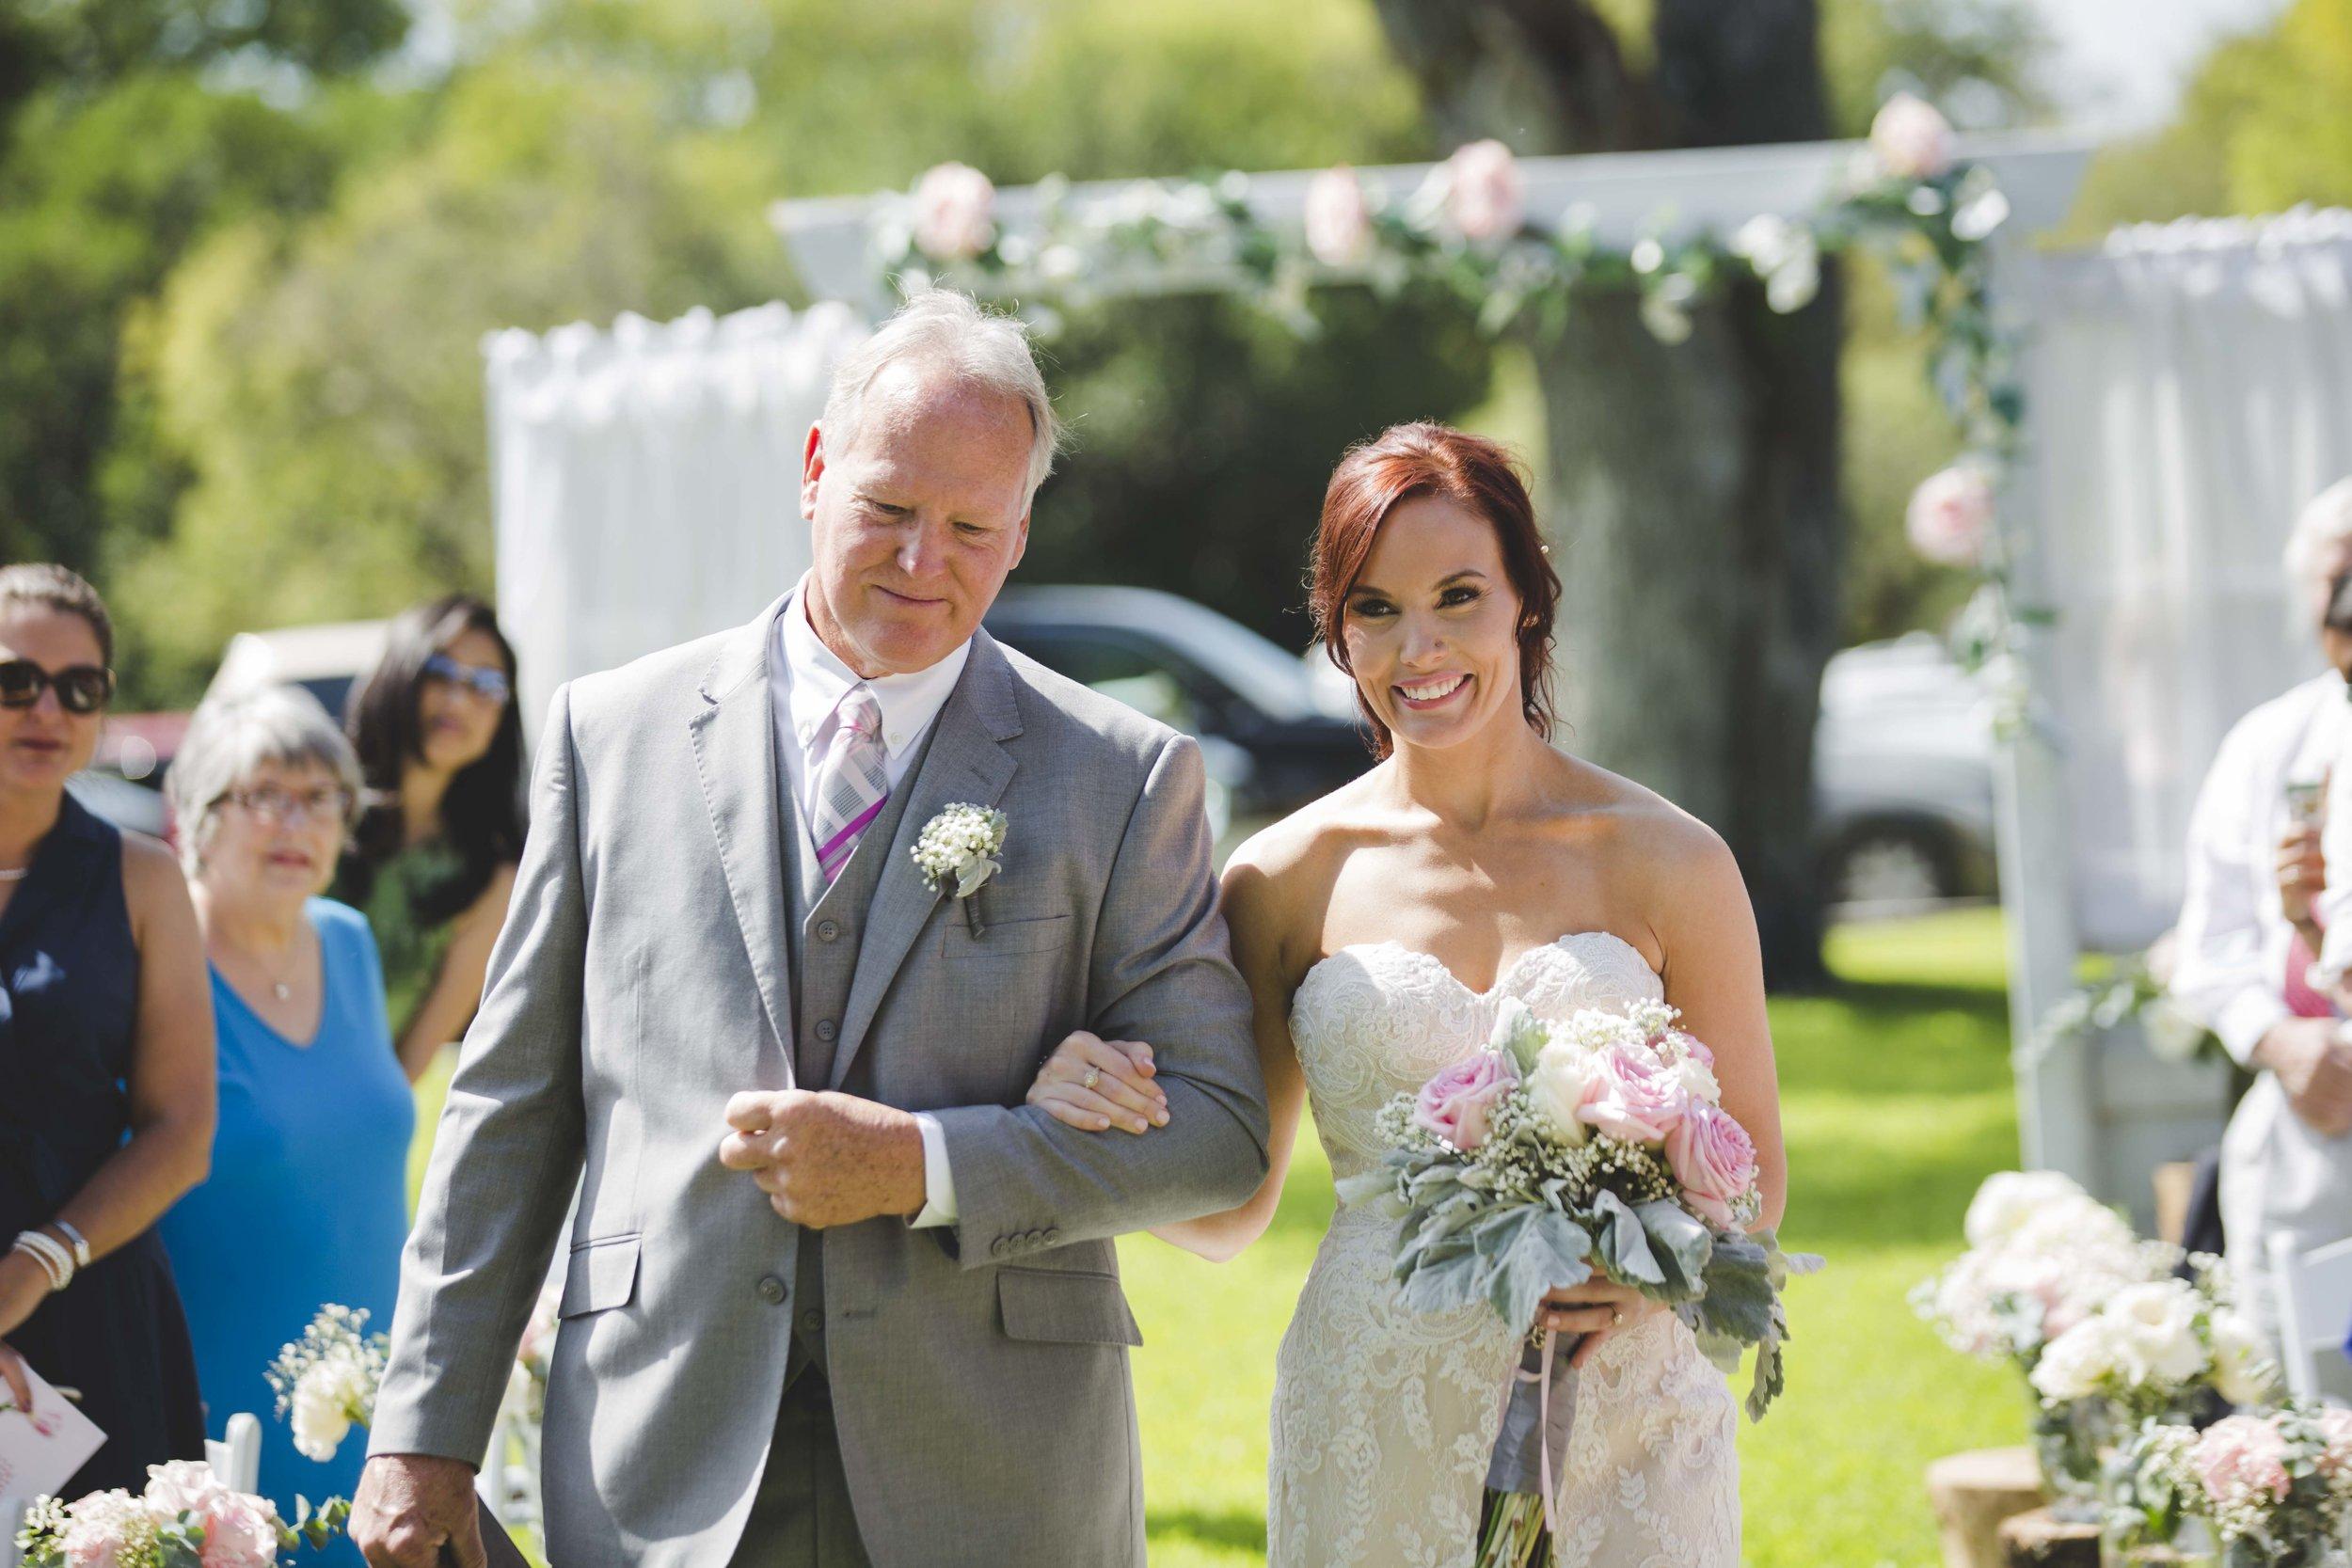 ATGI_Susanna & Matt Wedding_717A7563.jpg